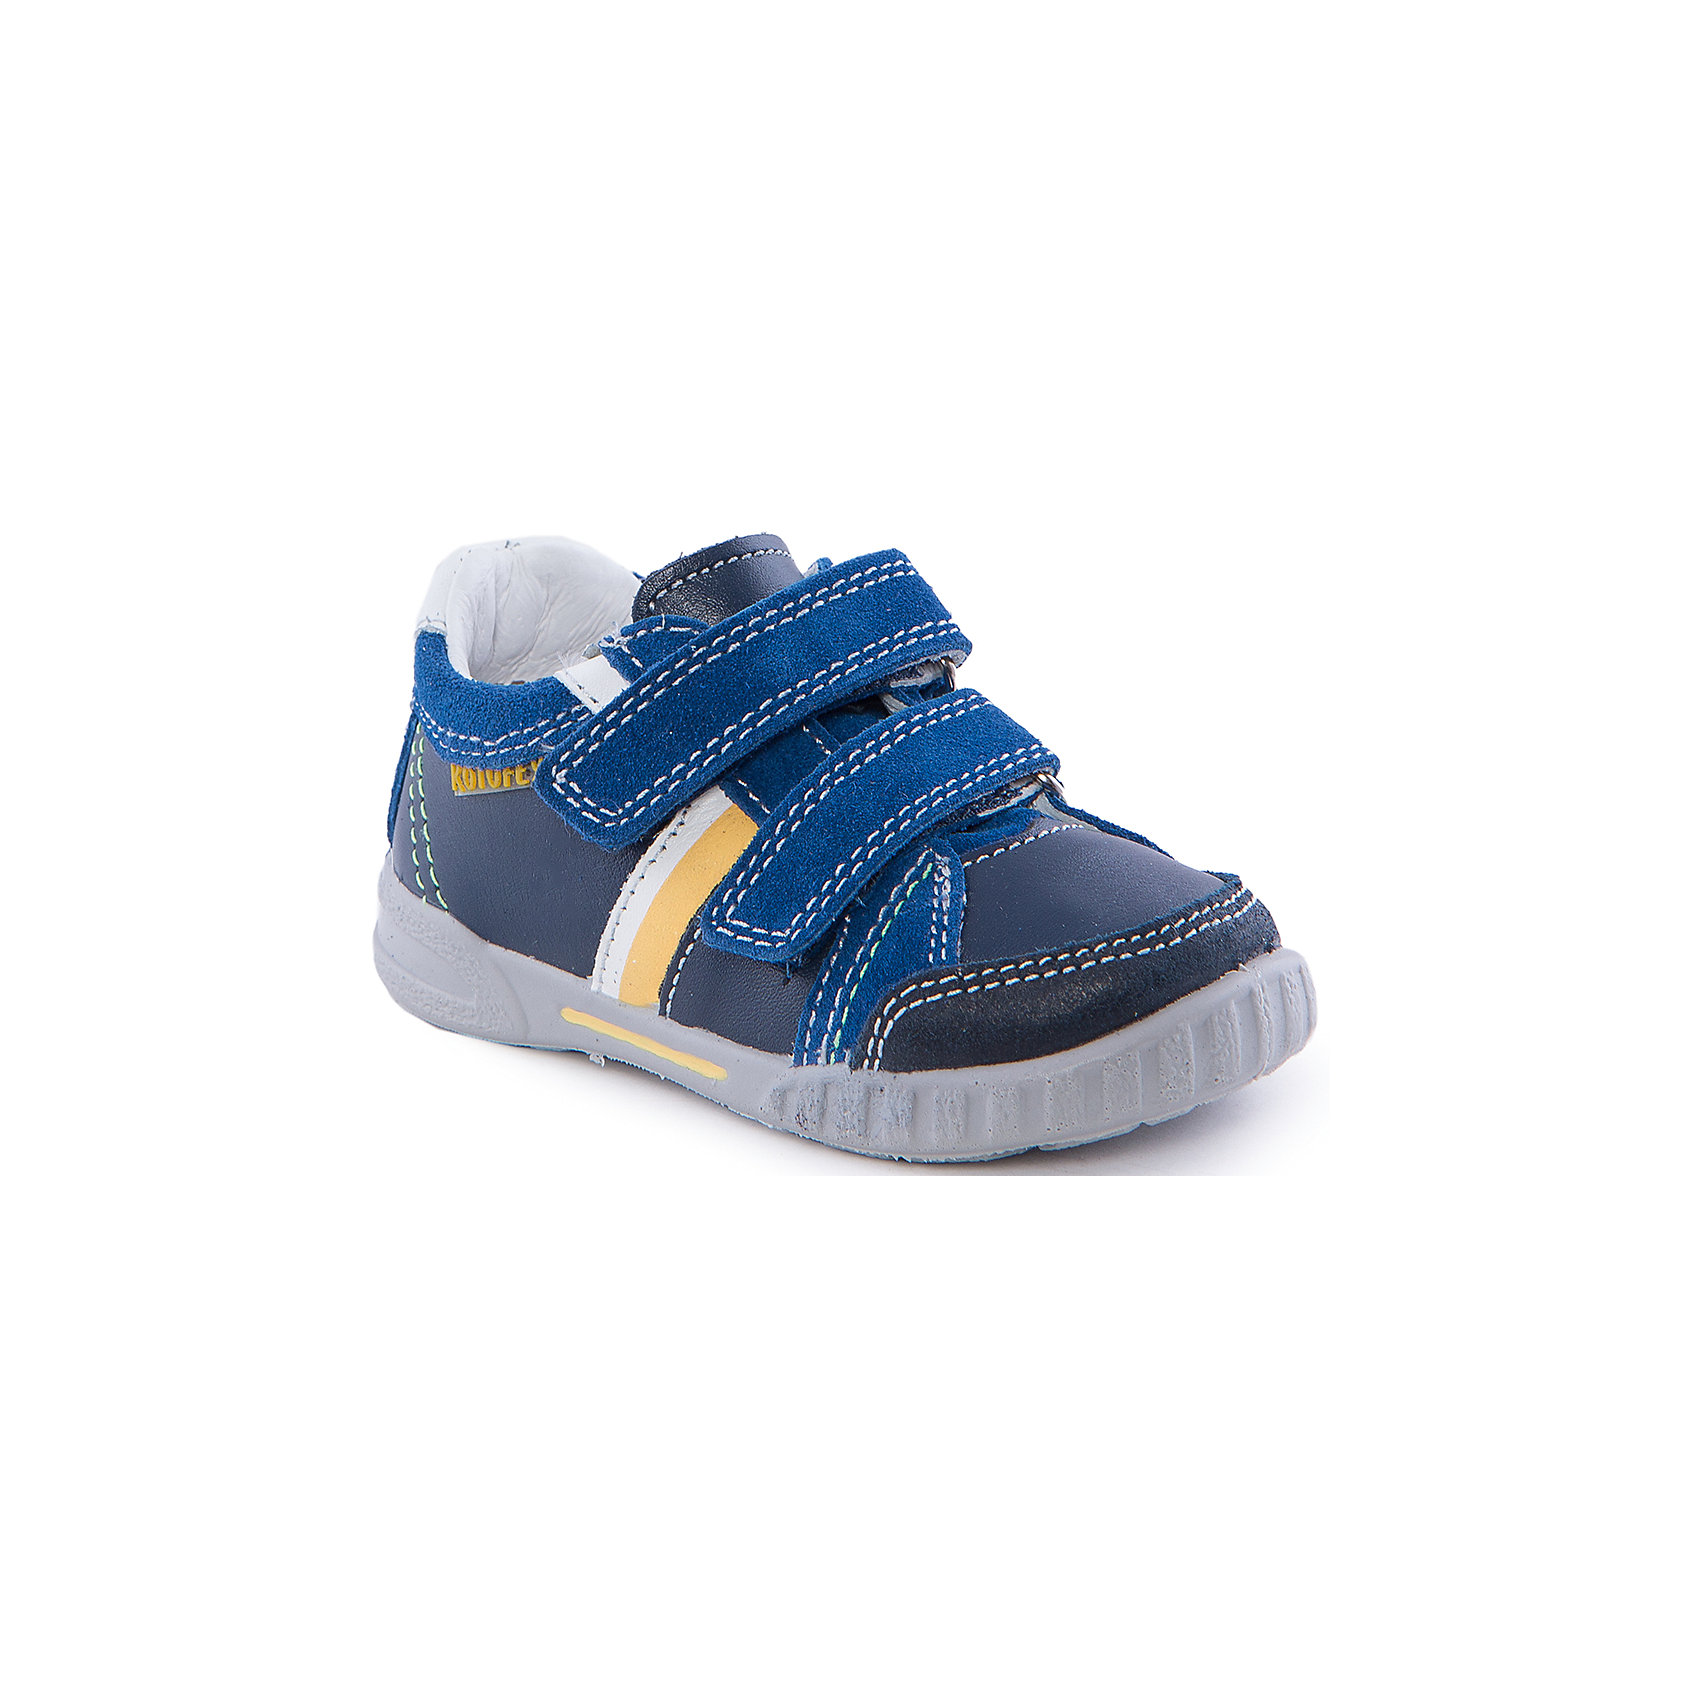 Полуботинки для мальчика КотофейПолуботинки для мальчика от популярной марки Котофей.<br>Красивые синие полуботинки для мальчика – это универсальная и практичная обувь. Они легко застегиваются благодаря липучкам, отлично прошиты. Сделаны из натуральной кожи.<br>Их отличительные особенности:<br>- модный дизайн;<br>- цвет синий с яркими вставками;<br>- комфортная колодка;<br>- устойчивая подошва;<br>- удобные застежки-липучки;<br>- материал – натуральная кожа.<br>Дополнительная информация:<br>- Температурный режим: от + 5° С  до + 25° С.<br>- Состав:<br>материал верха: натуральная кожа<br>материал подкладки: натуральная кожа<br>подошва: ПУ.<br>Полуботинки для мальчика Котофей можно купить в нашем магазине.<br><br>Ширина мм: 262<br>Глубина мм: 176<br>Высота мм: 97<br>Вес г: 427<br>Цвет: синий<br>Возраст от месяцев: 15<br>Возраст до месяцев: 18<br>Пол: Мужской<br>Возраст: Детский<br>Размер: 22,28,26,21,23,24,25,27<br>SKU: 4206739